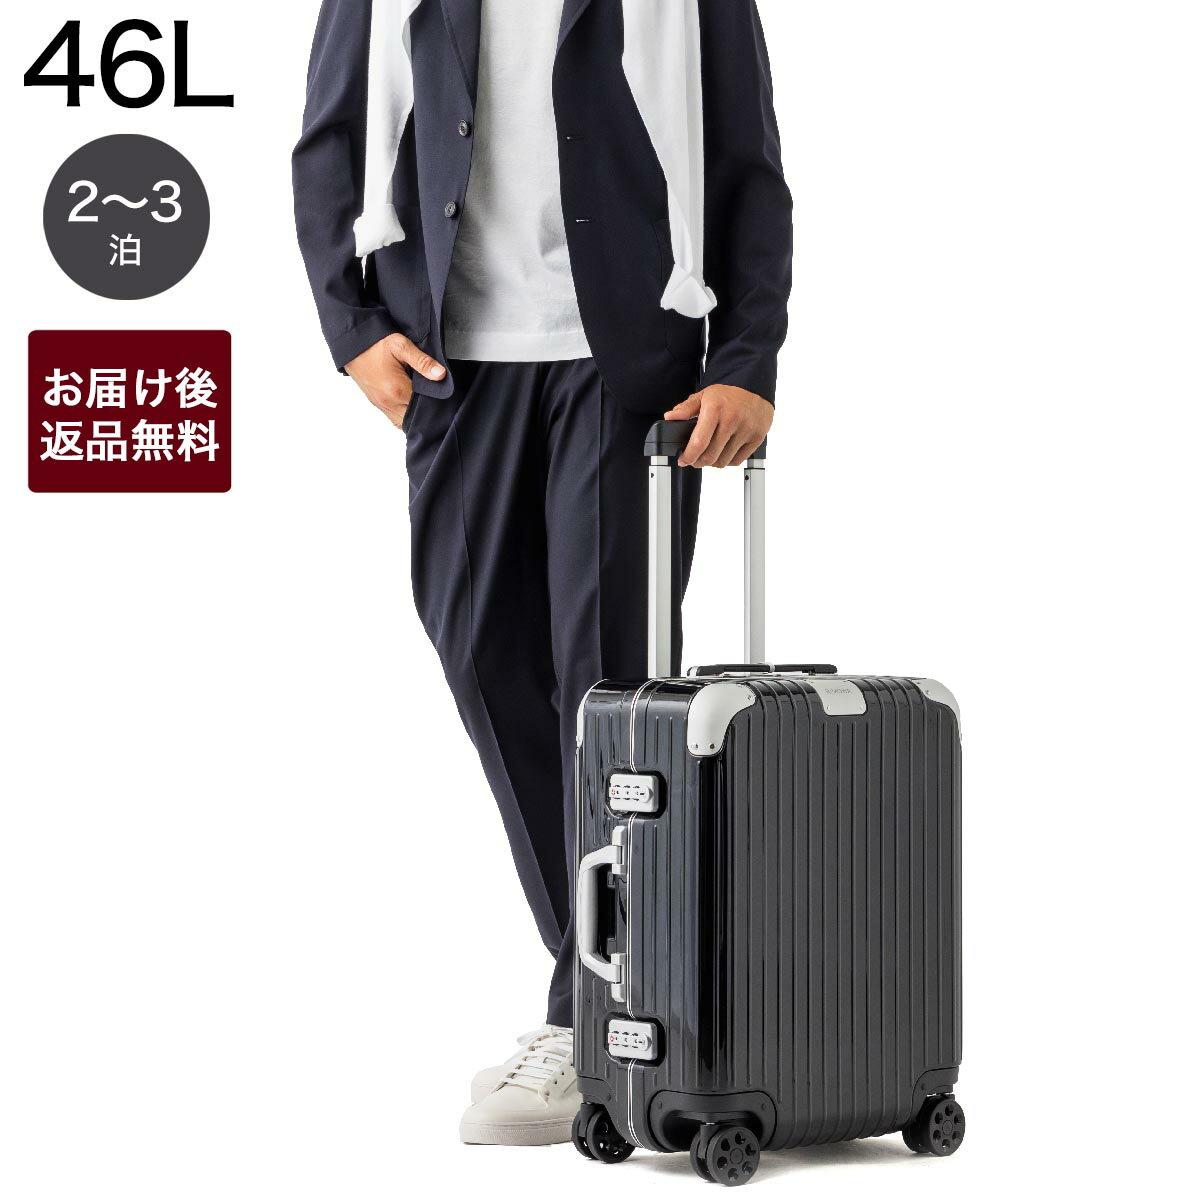 バッグ, スーツケース・キャリーバッグ  RIMOWA 883.56.62.4.0.1 HYBRID Cabin Plus 46L